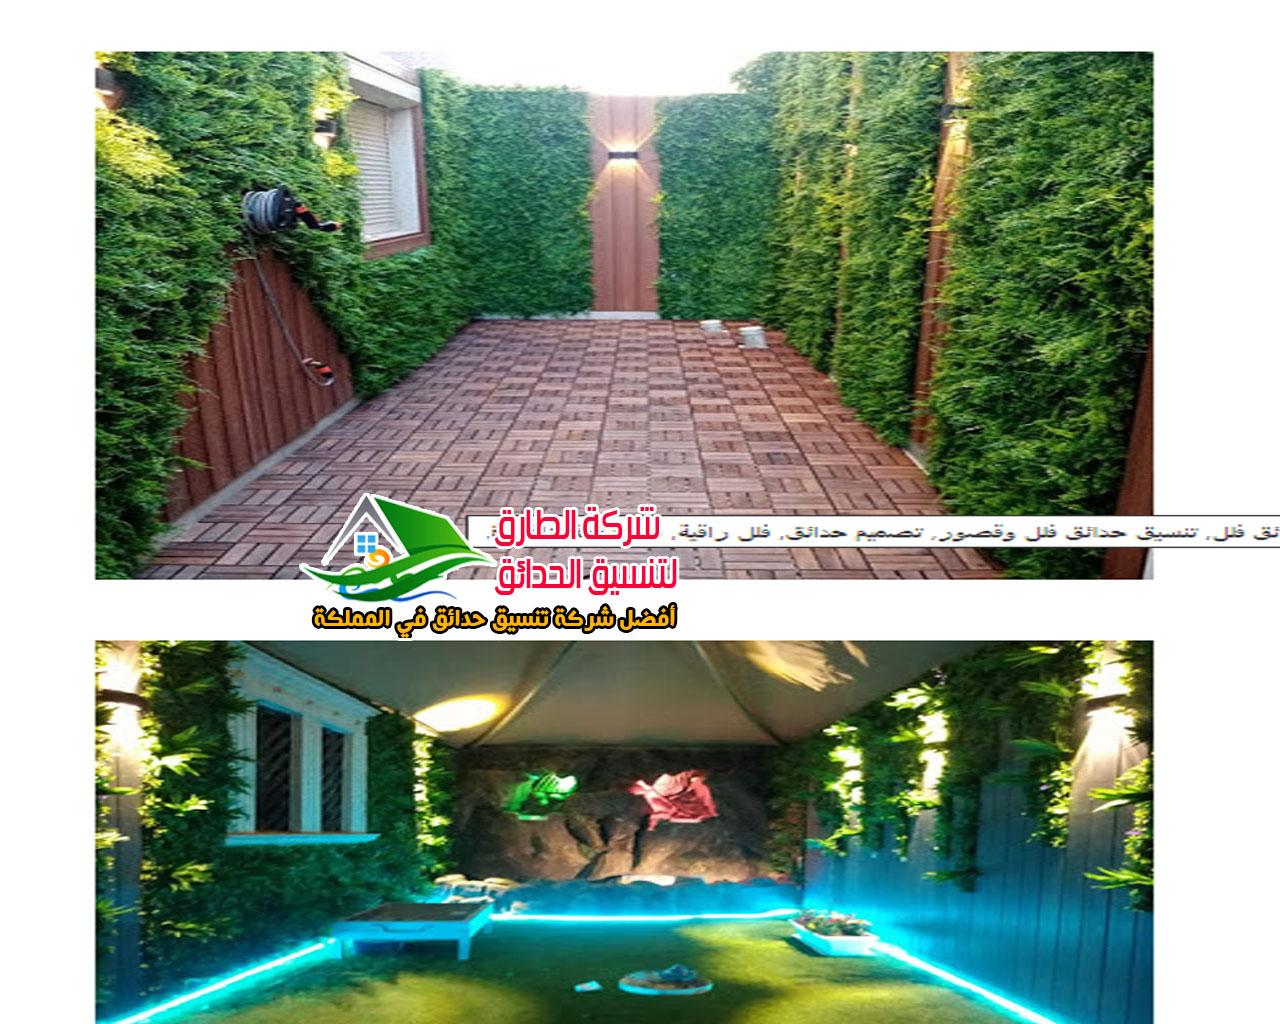 الطارق أفضل شركة تصاميم حدائق منازل في القصيم